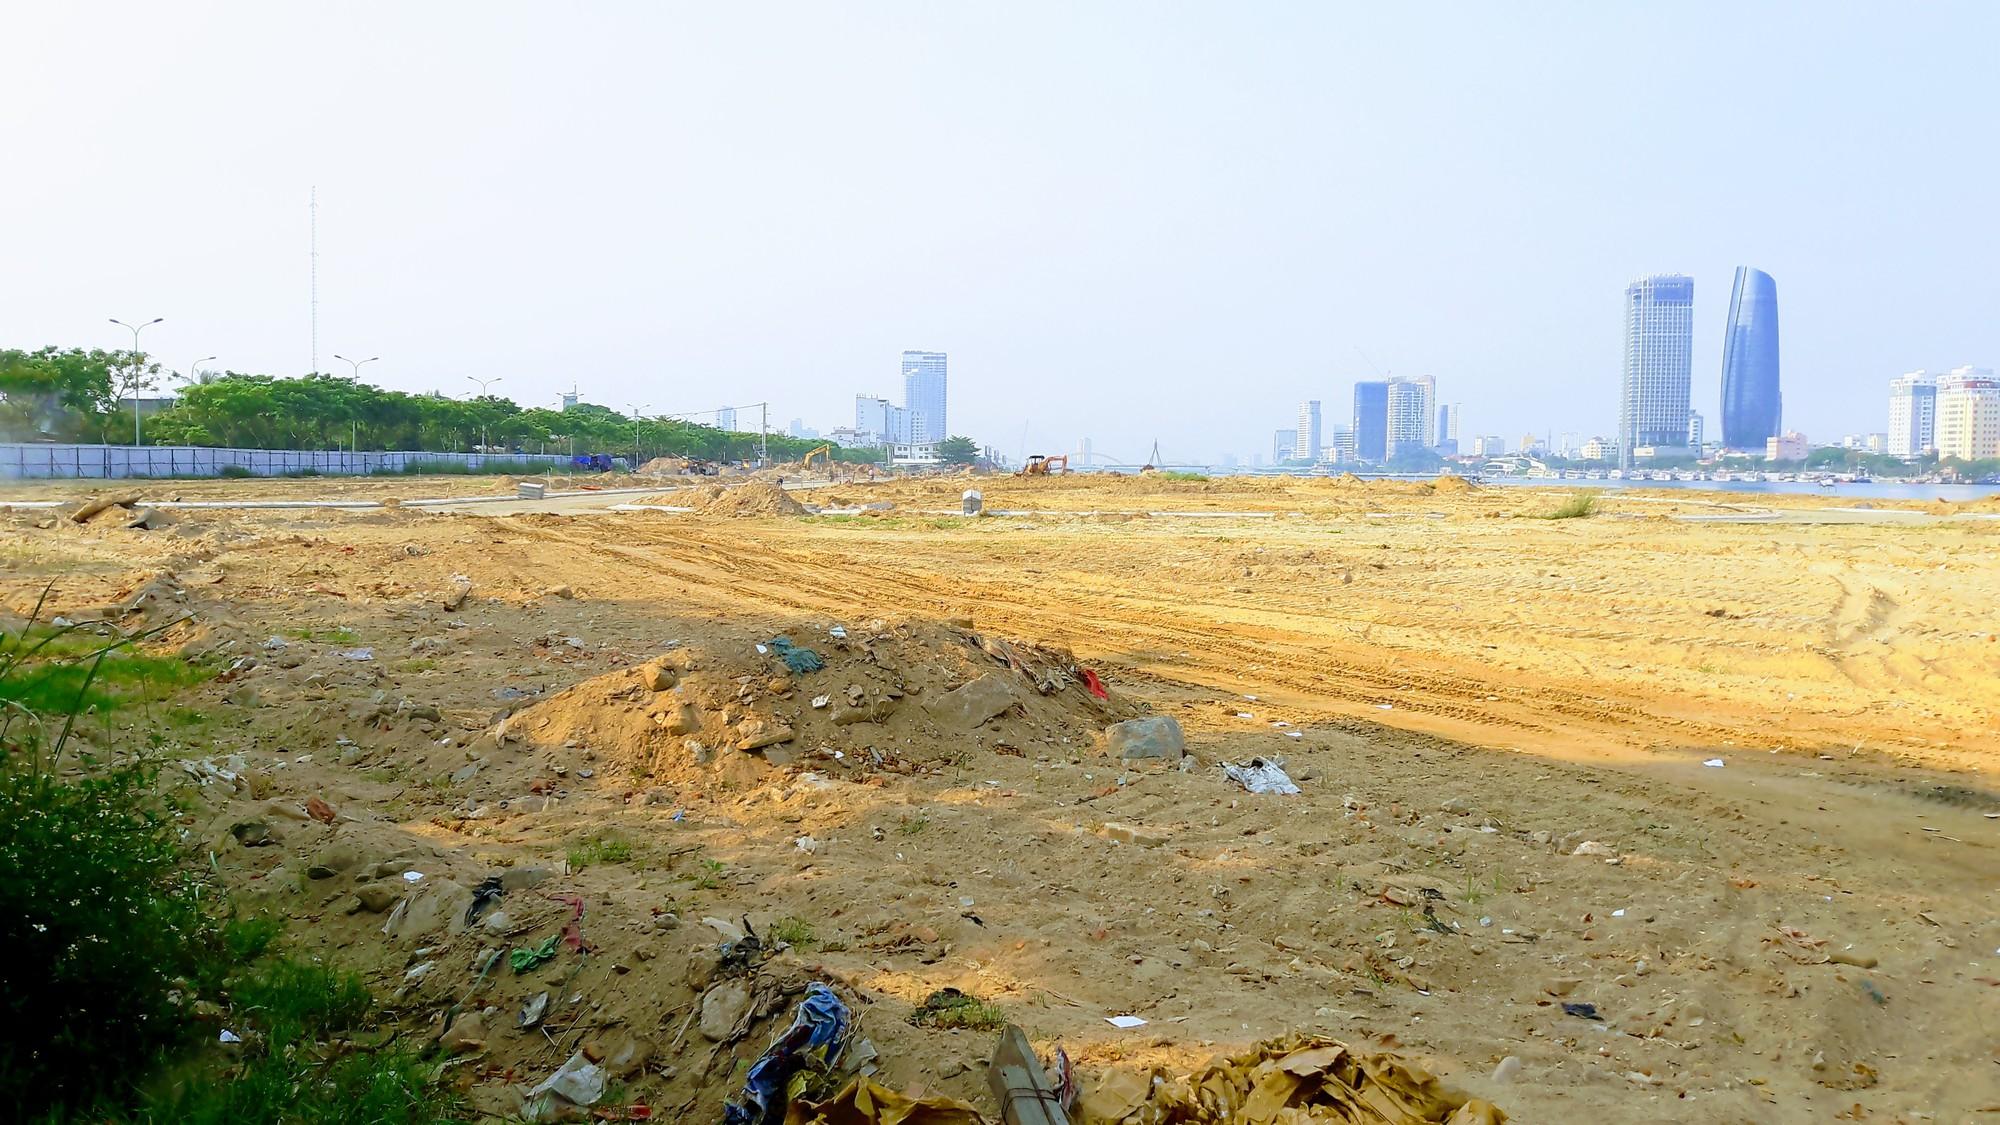 Vụ tạm dừng dự án Marina Complex ở Đà Nẵng: Cận cảnh những công trình, dự án dọc hai bờ sông Hàn hiện nay - Ảnh 14.